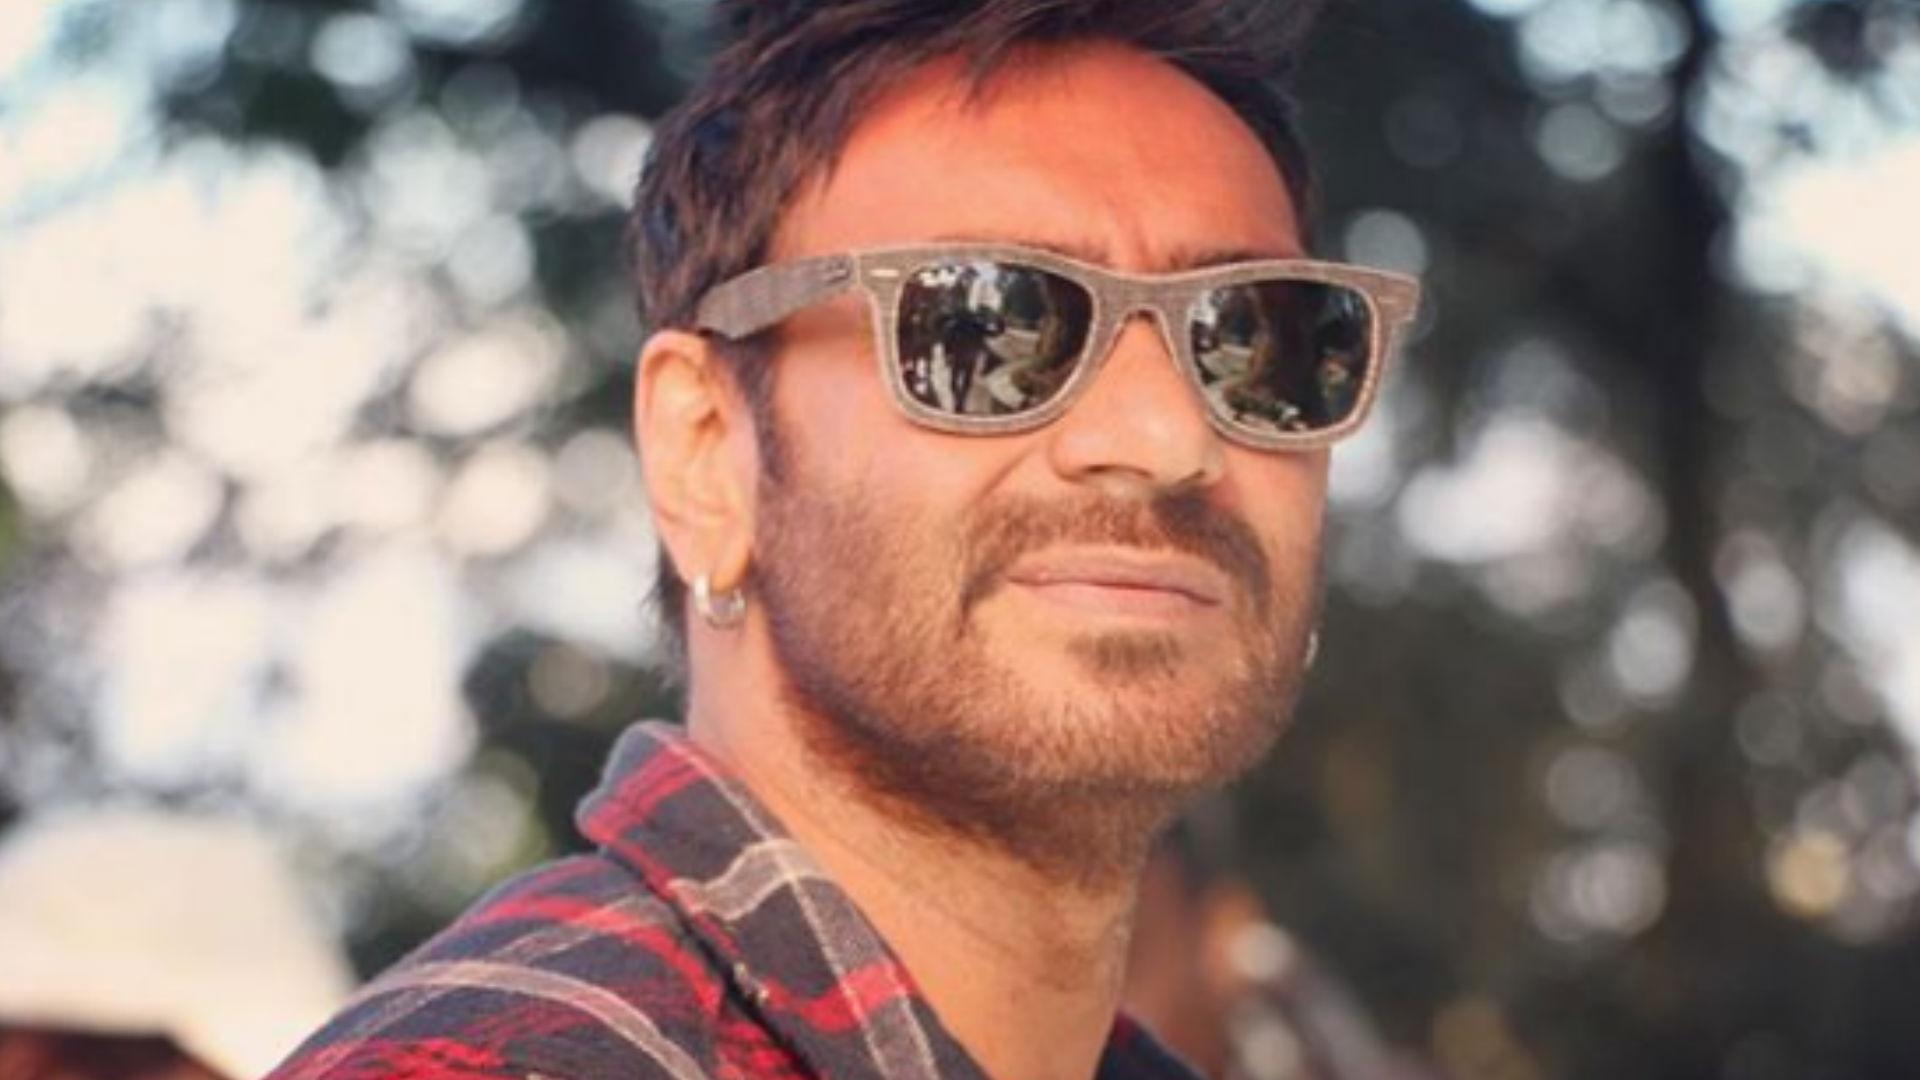 डांस प्लस 4: ग्रैंड फिनाले में धक-धक गर्ल माधुरी दीक्षित धड़काएंगी लाखों दिल, अजय देवगन मारेंगे ऐसे एंट्री